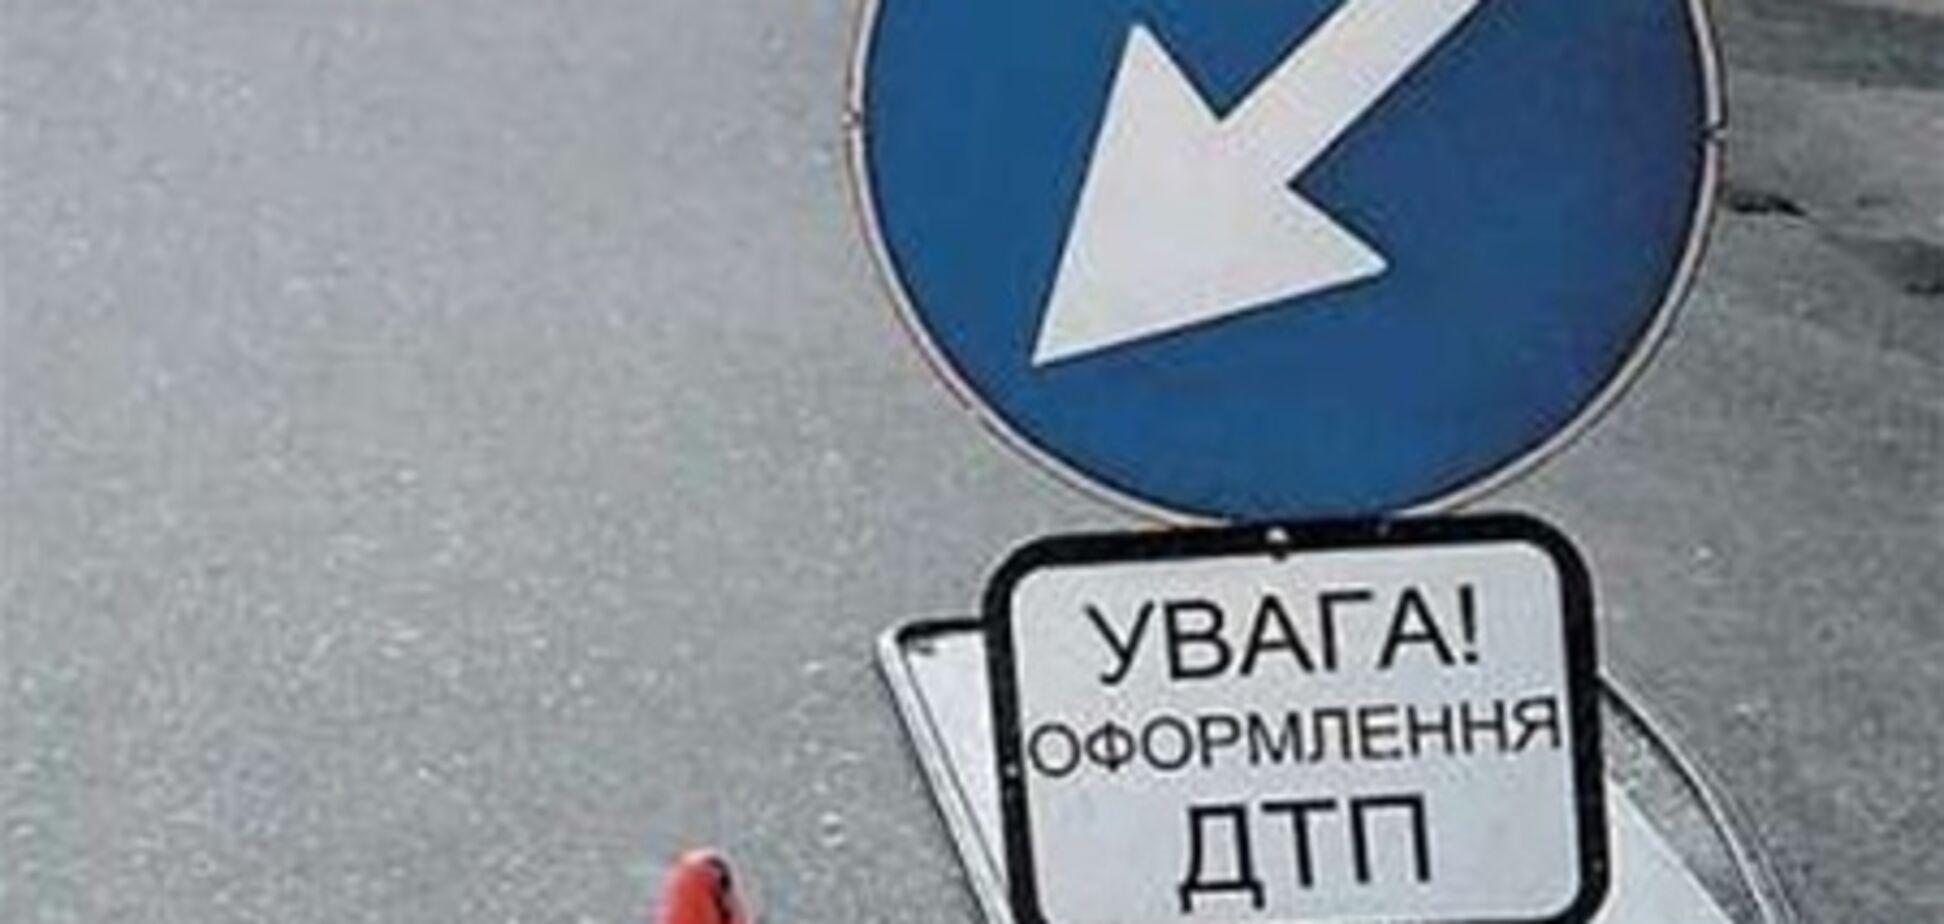 В Киеве произошло страшное ДТП, есть пострадавшие